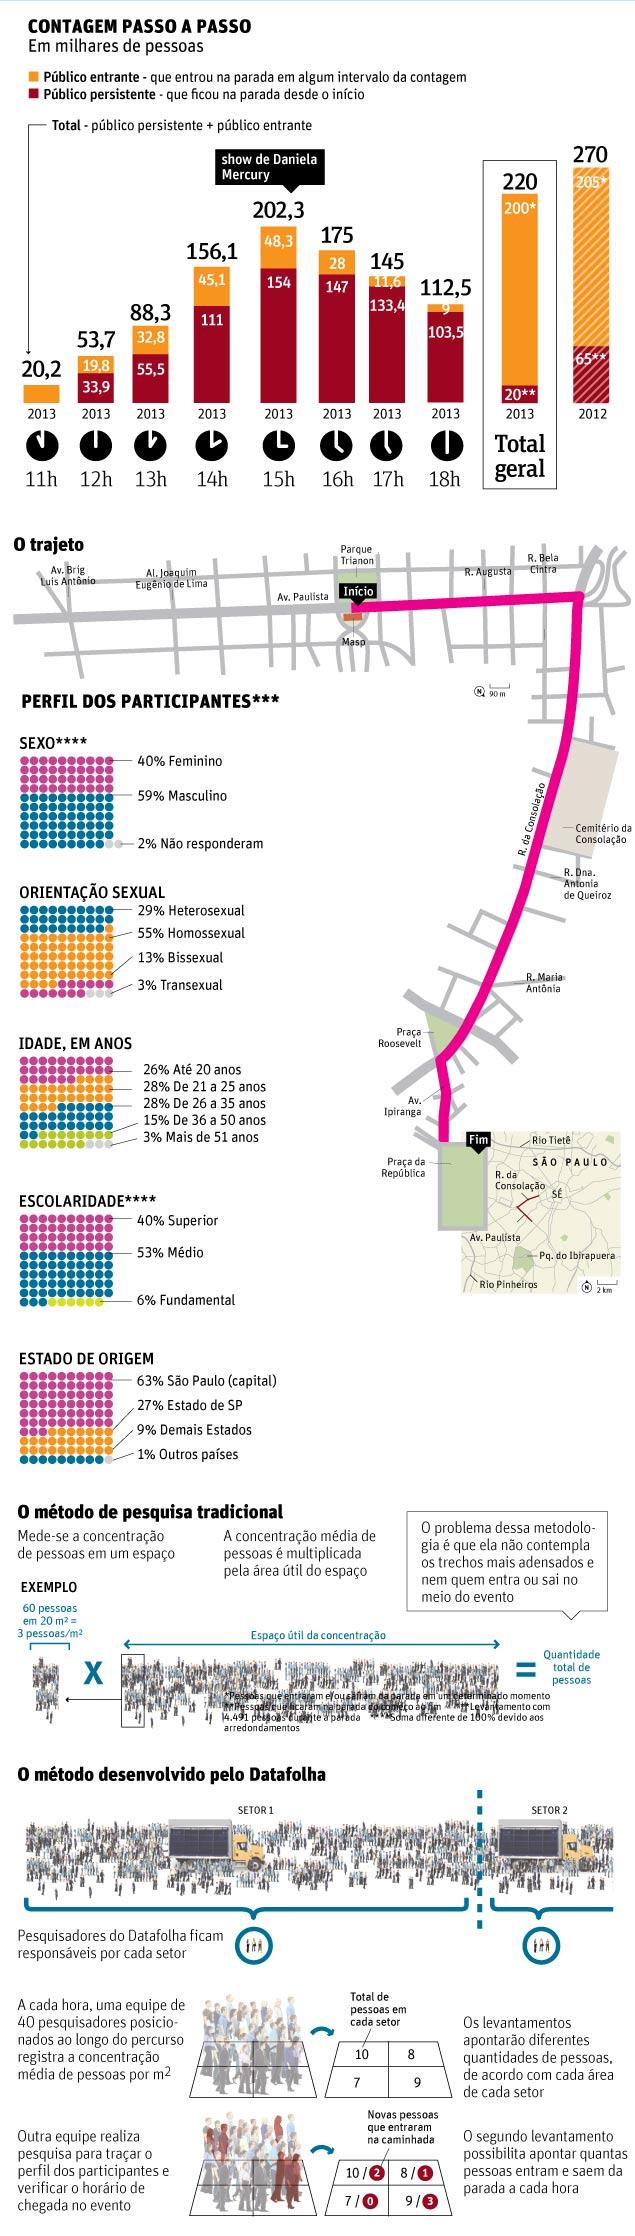 infografico folha de s paulo - parada gay 2013